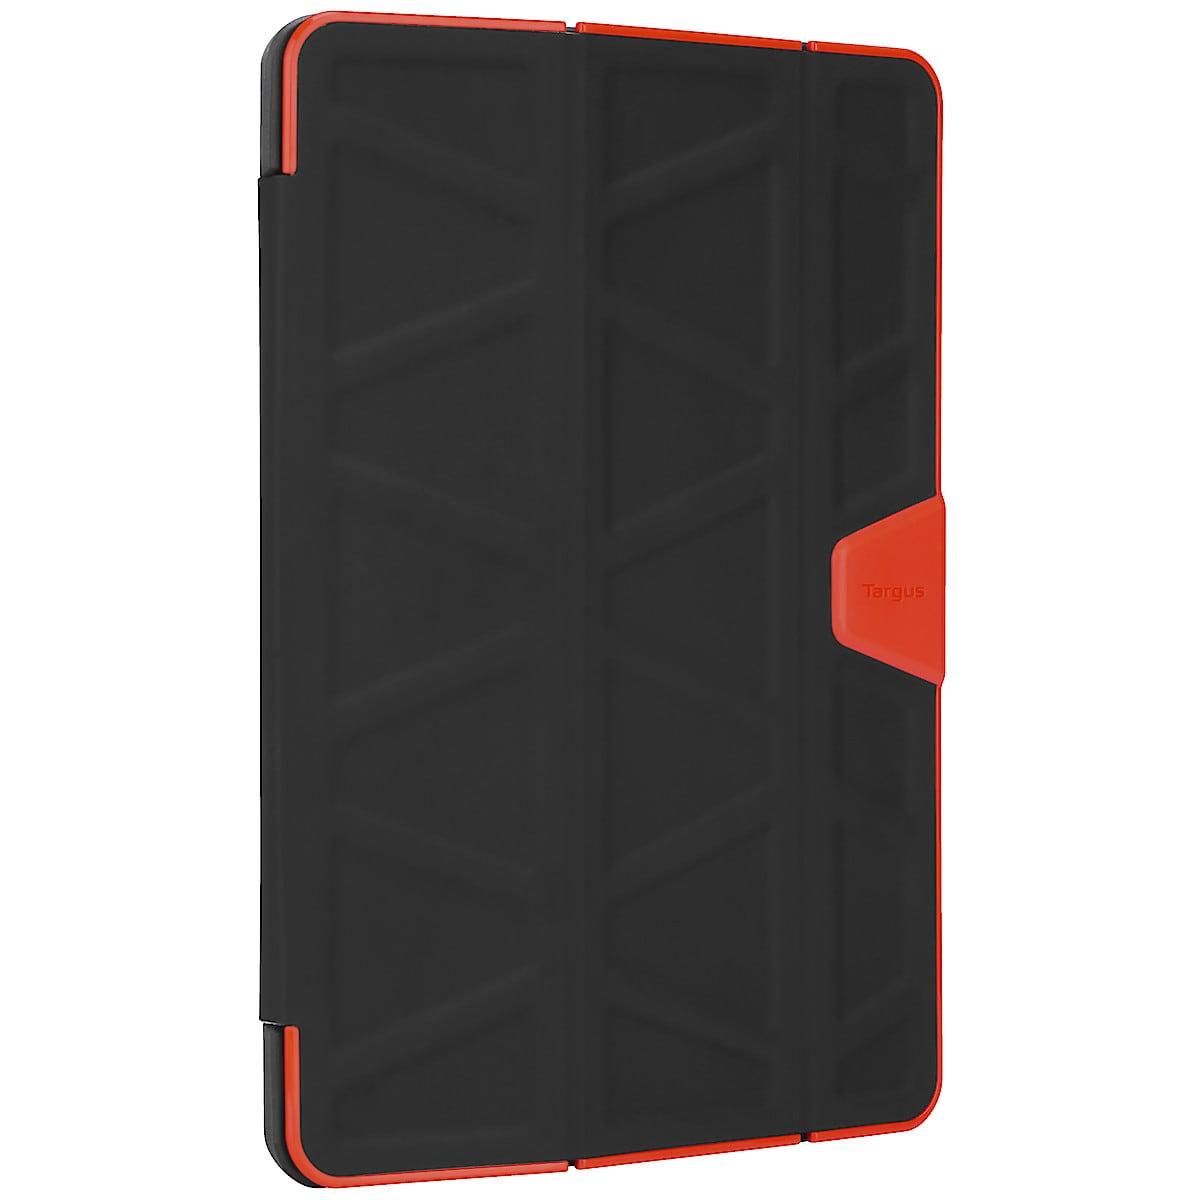 Fodral för iPad Air, Targus 3D Protection